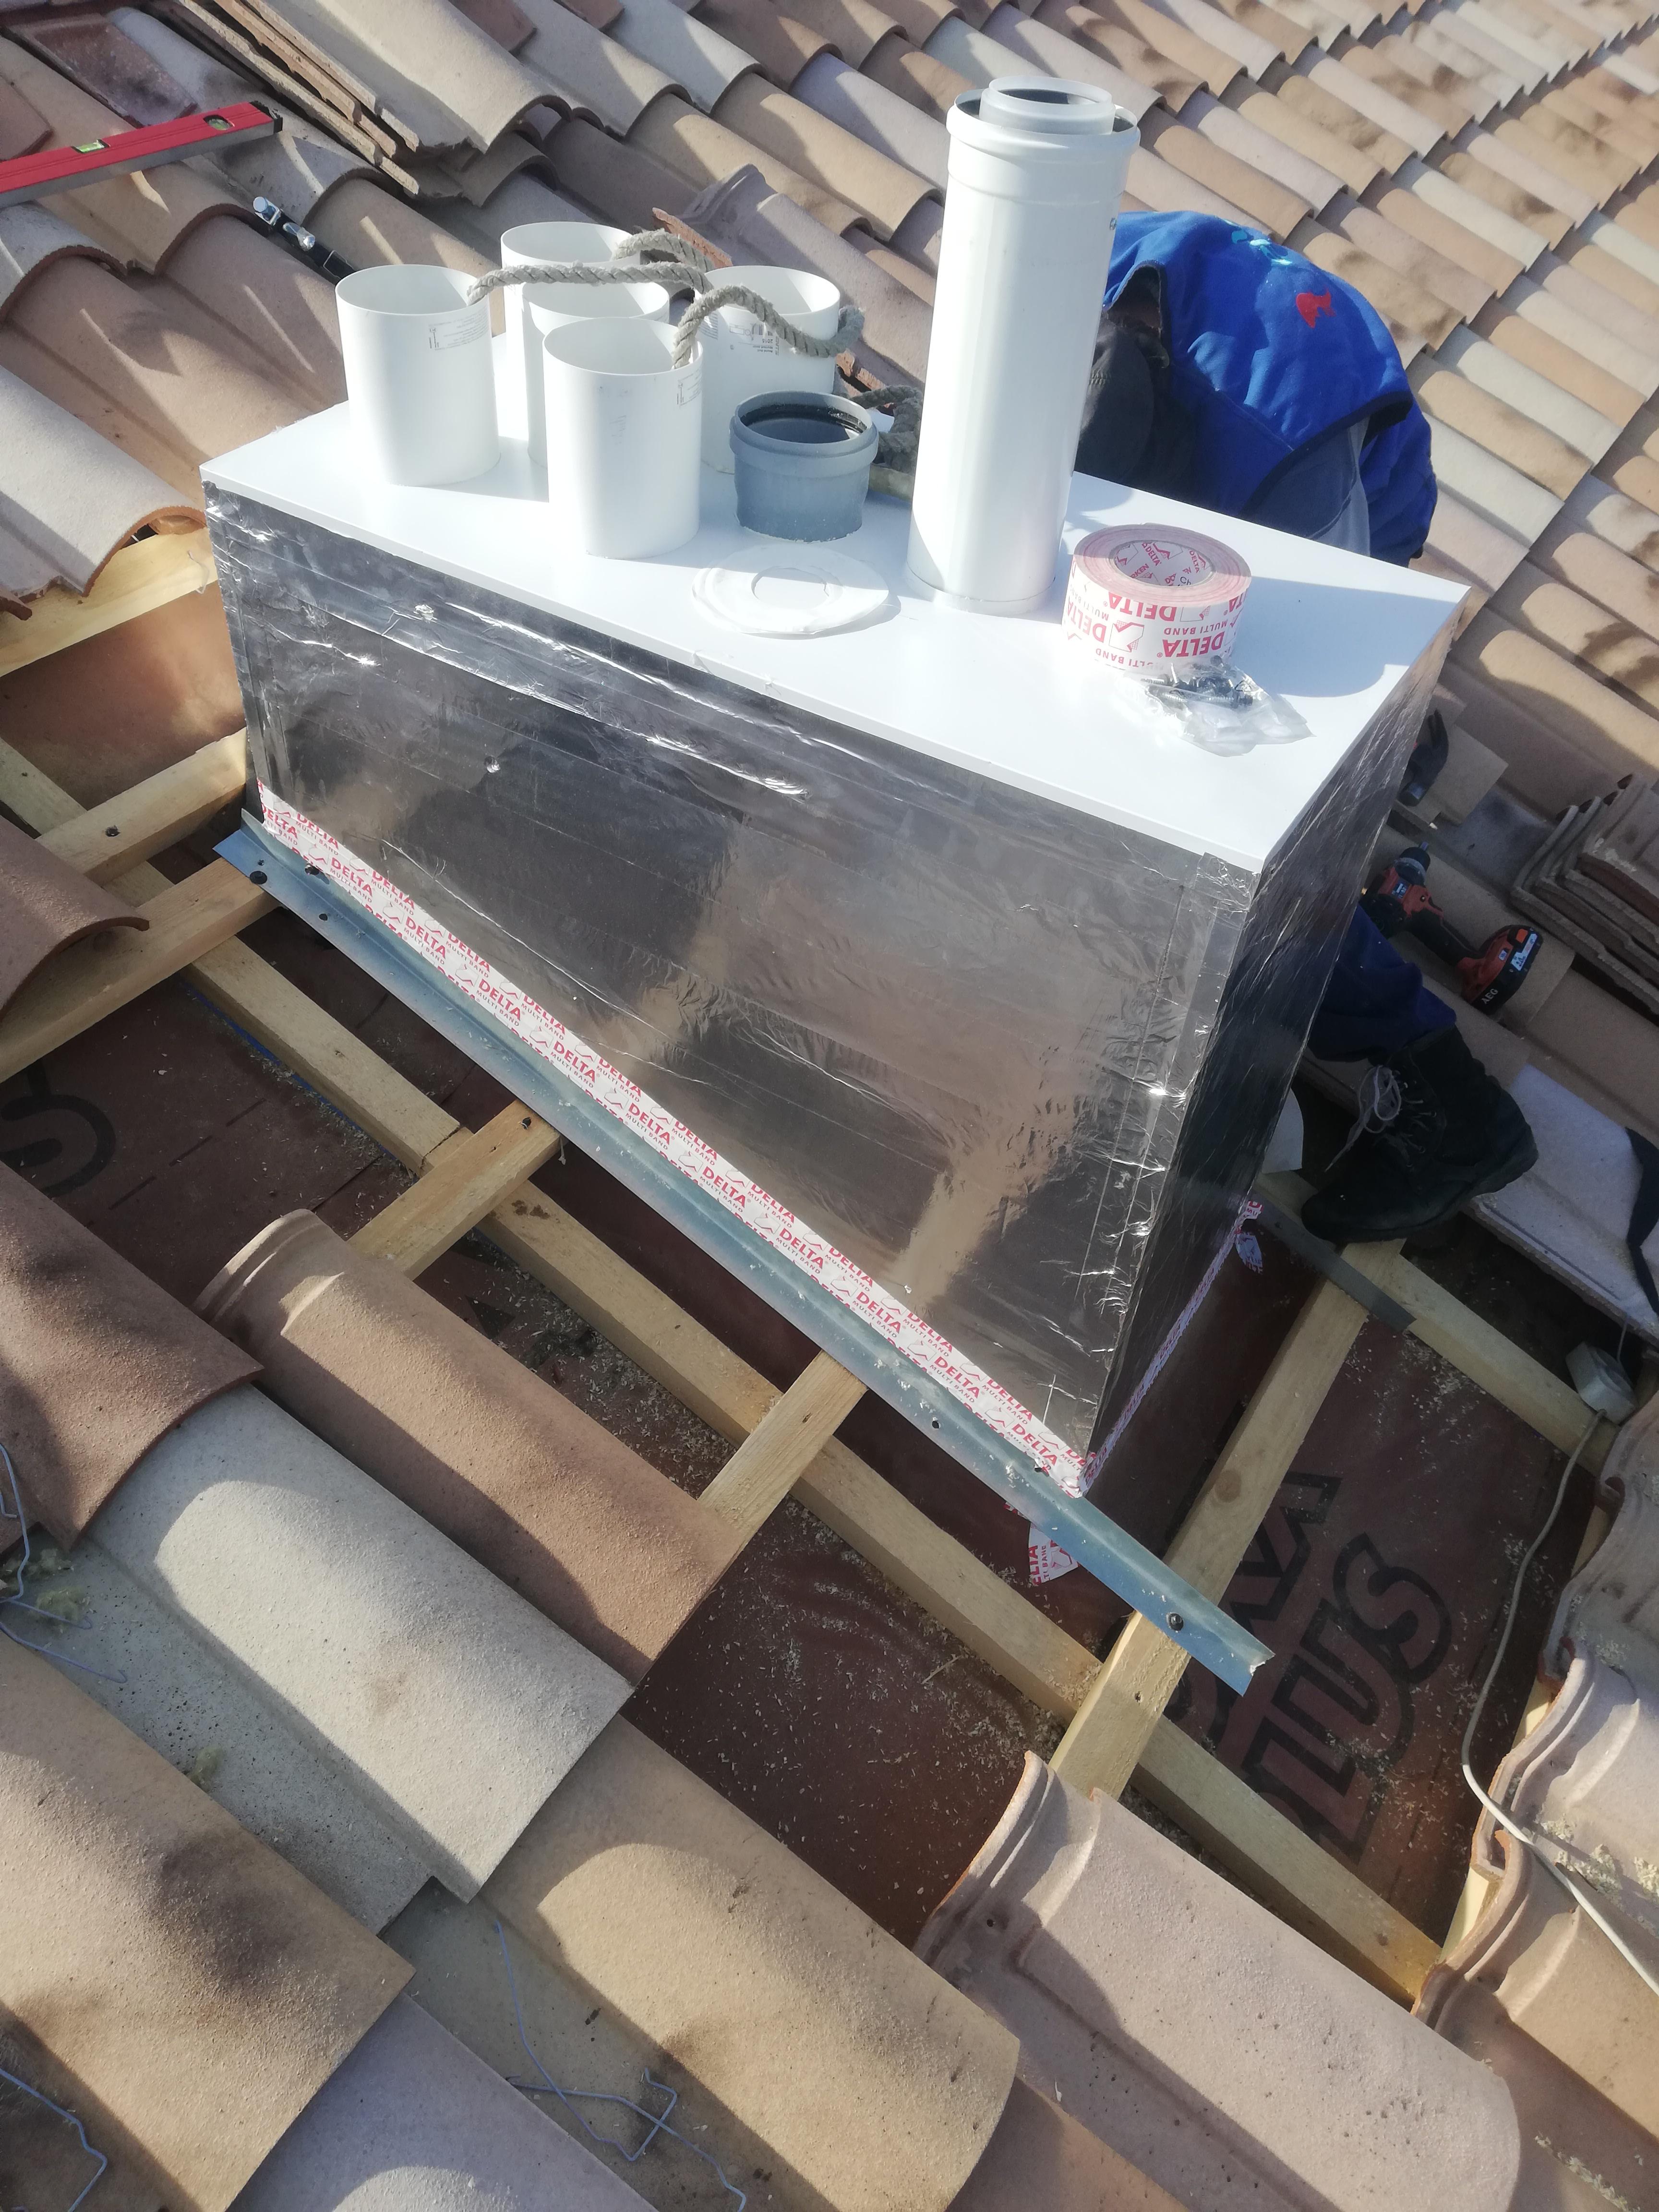 Монтаж проходного утепленного вентмодуля нашего производства. 5 вентканалов, фановая труба и коаксиальный дымоход, размер 500х1000х1250мм.